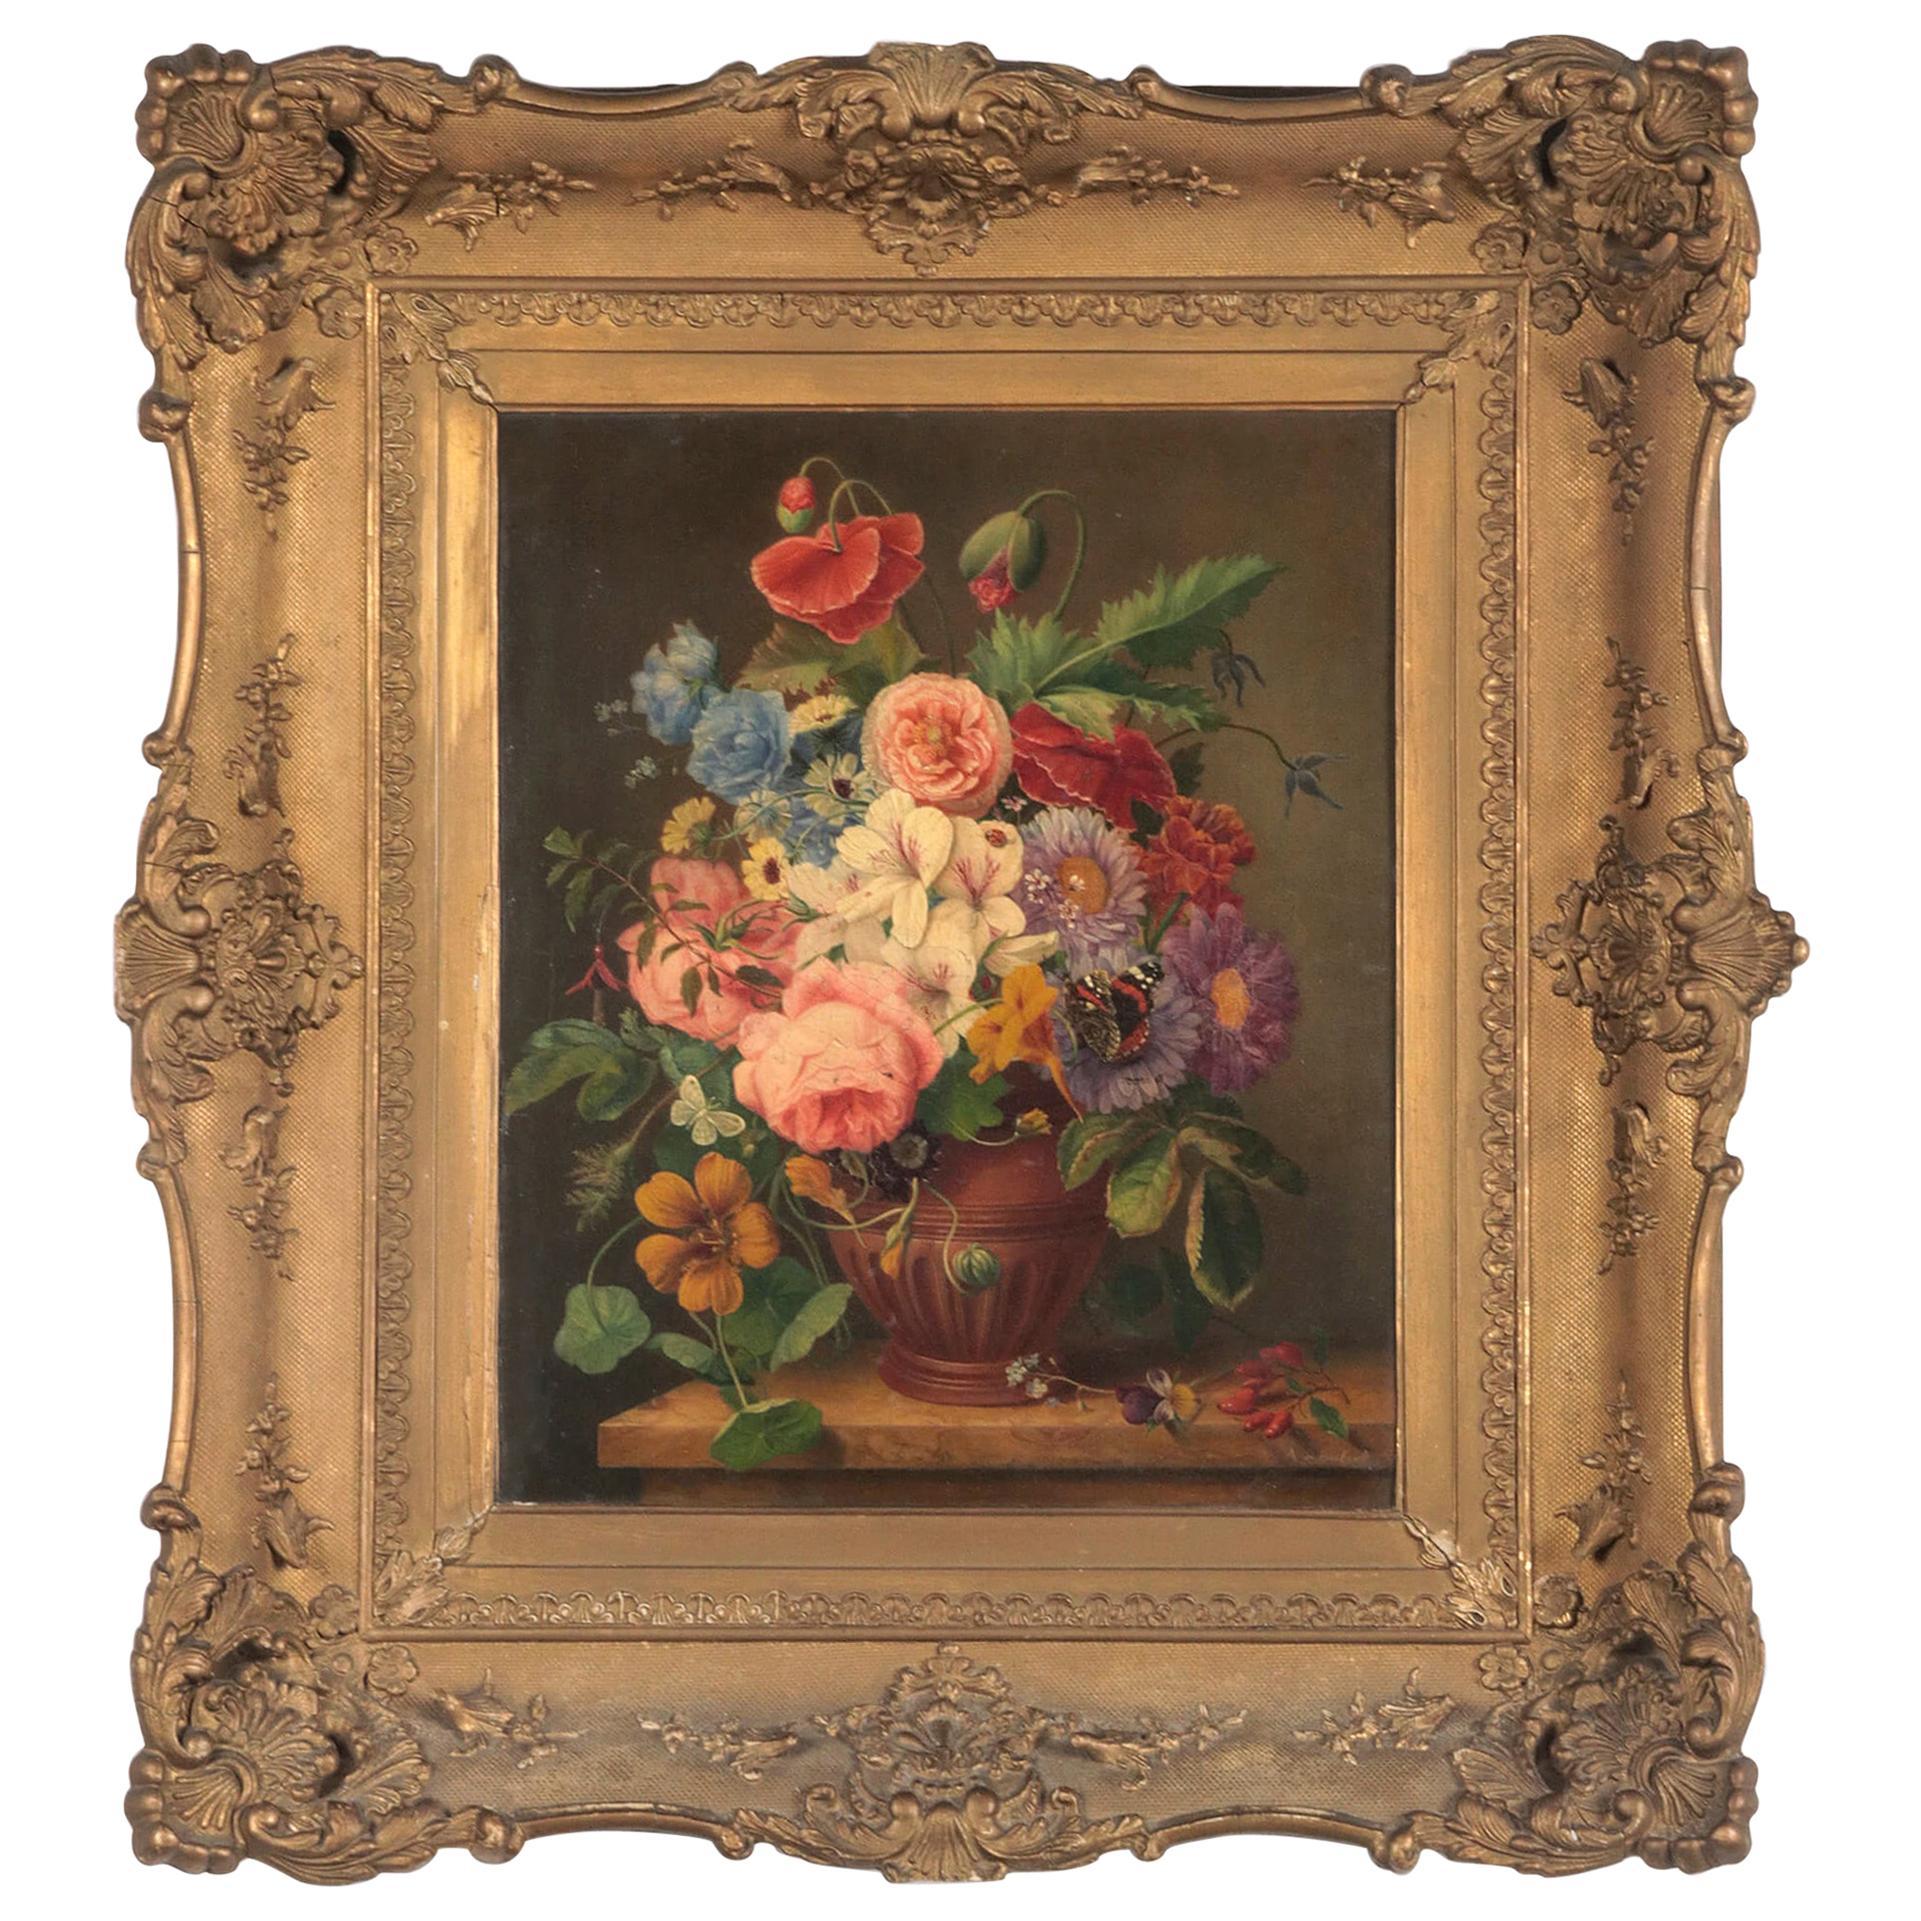 19th Century Dutch Renaissance Flower Still-Life Oil Painting - A. de Steenbault